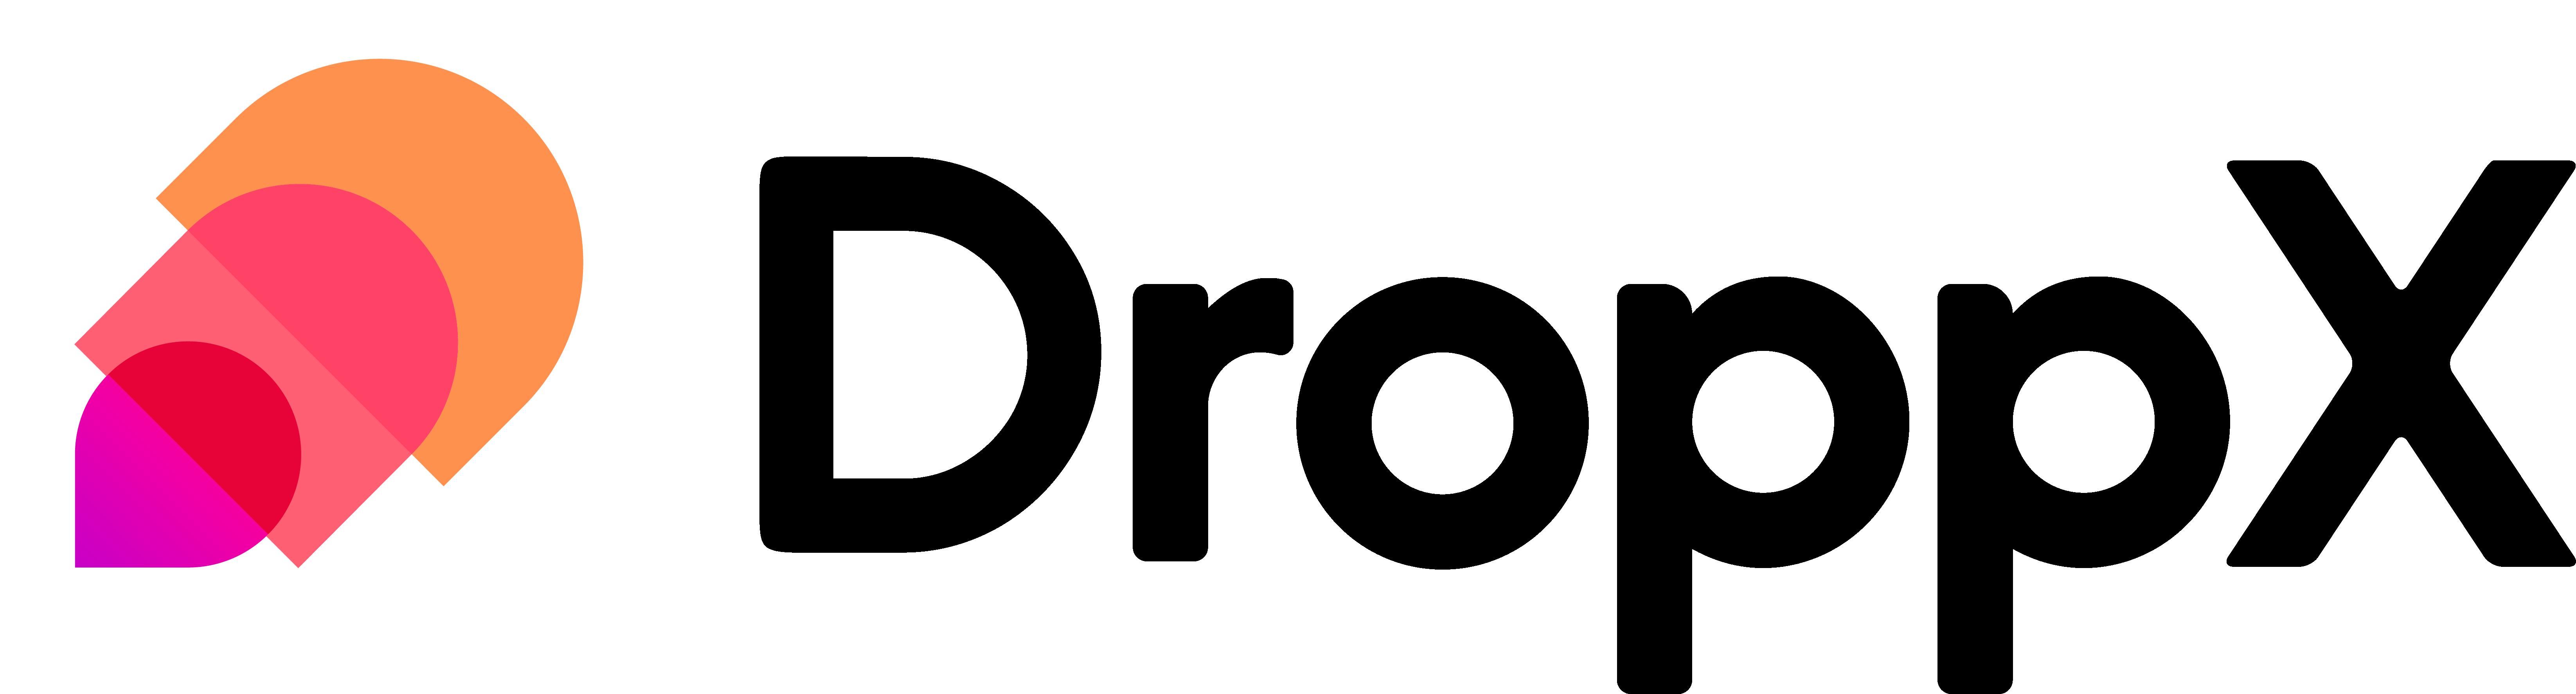 Musta logo läpinäkyvällä backgroungilla